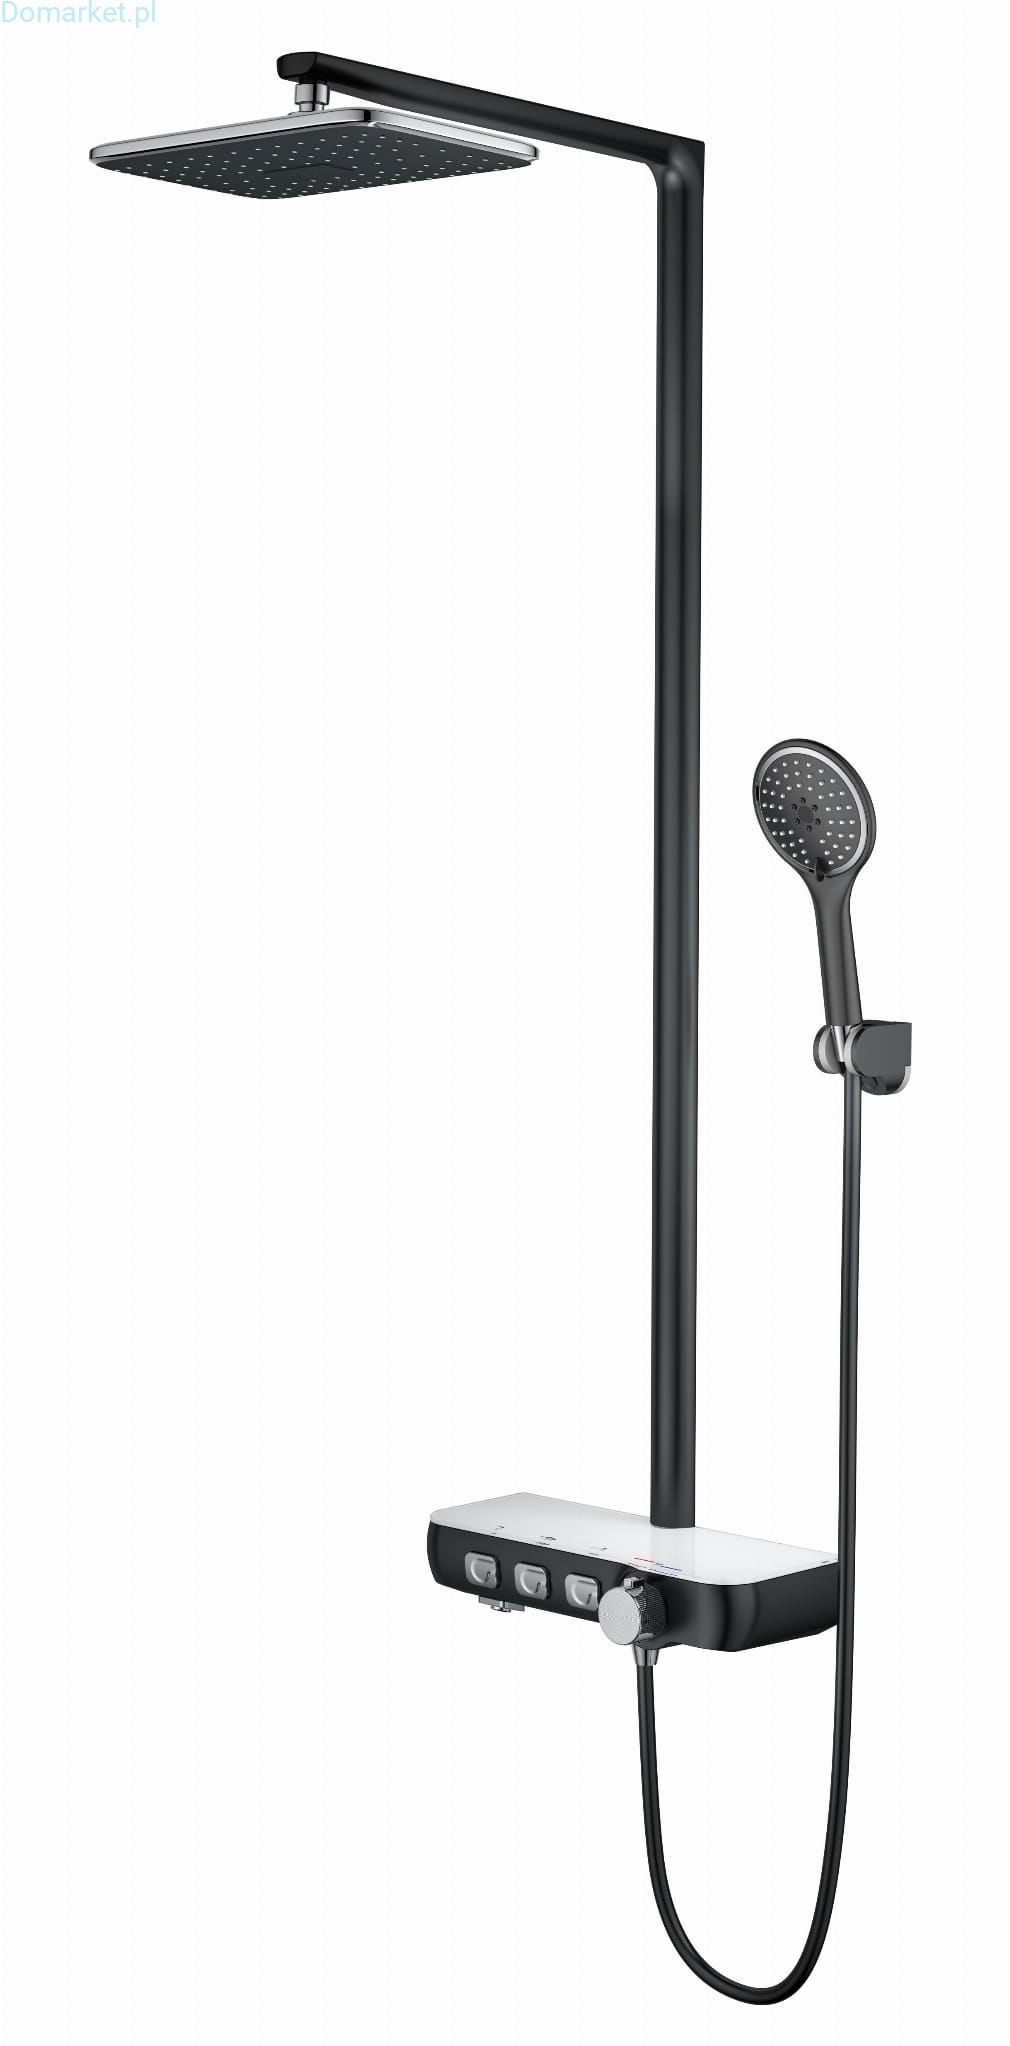 Zestaw Prysznicowy LX550 SZARY MAT/CHROM/SZKŁO: DESZCZOWNICA SŁUCHAWKA WYLEWKA